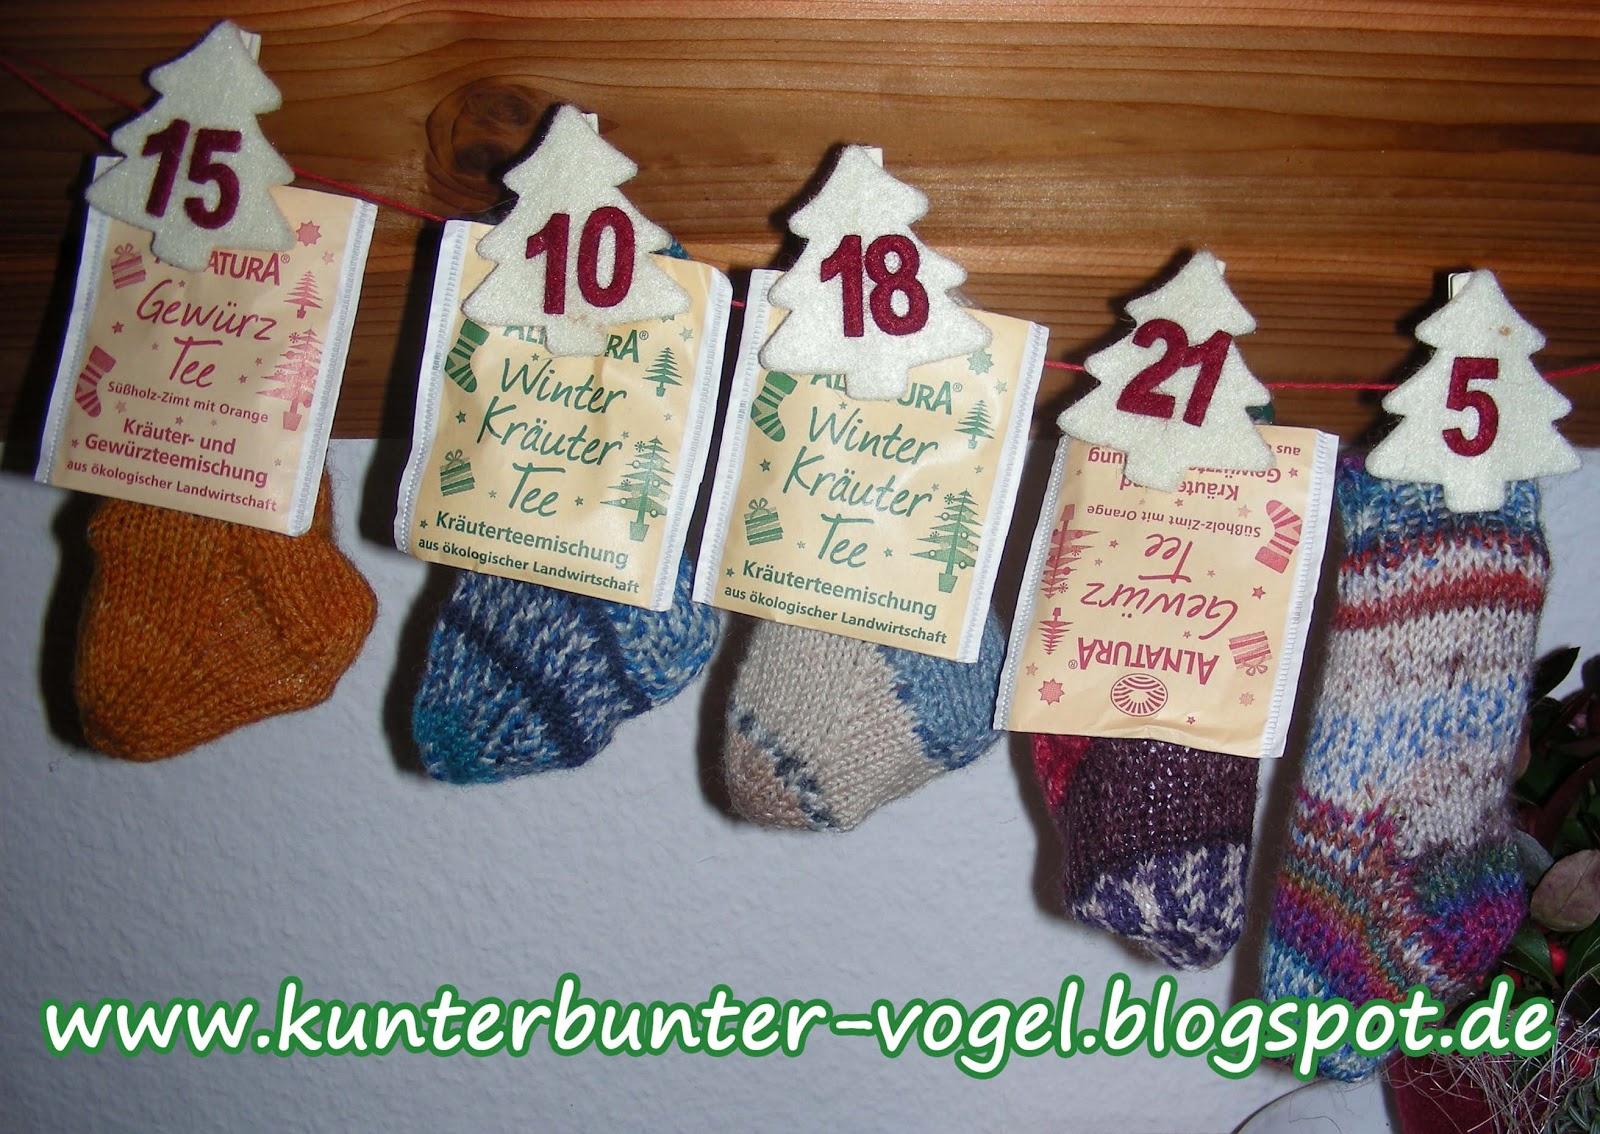 Kunterbunter Vogel Socken Adventskalender